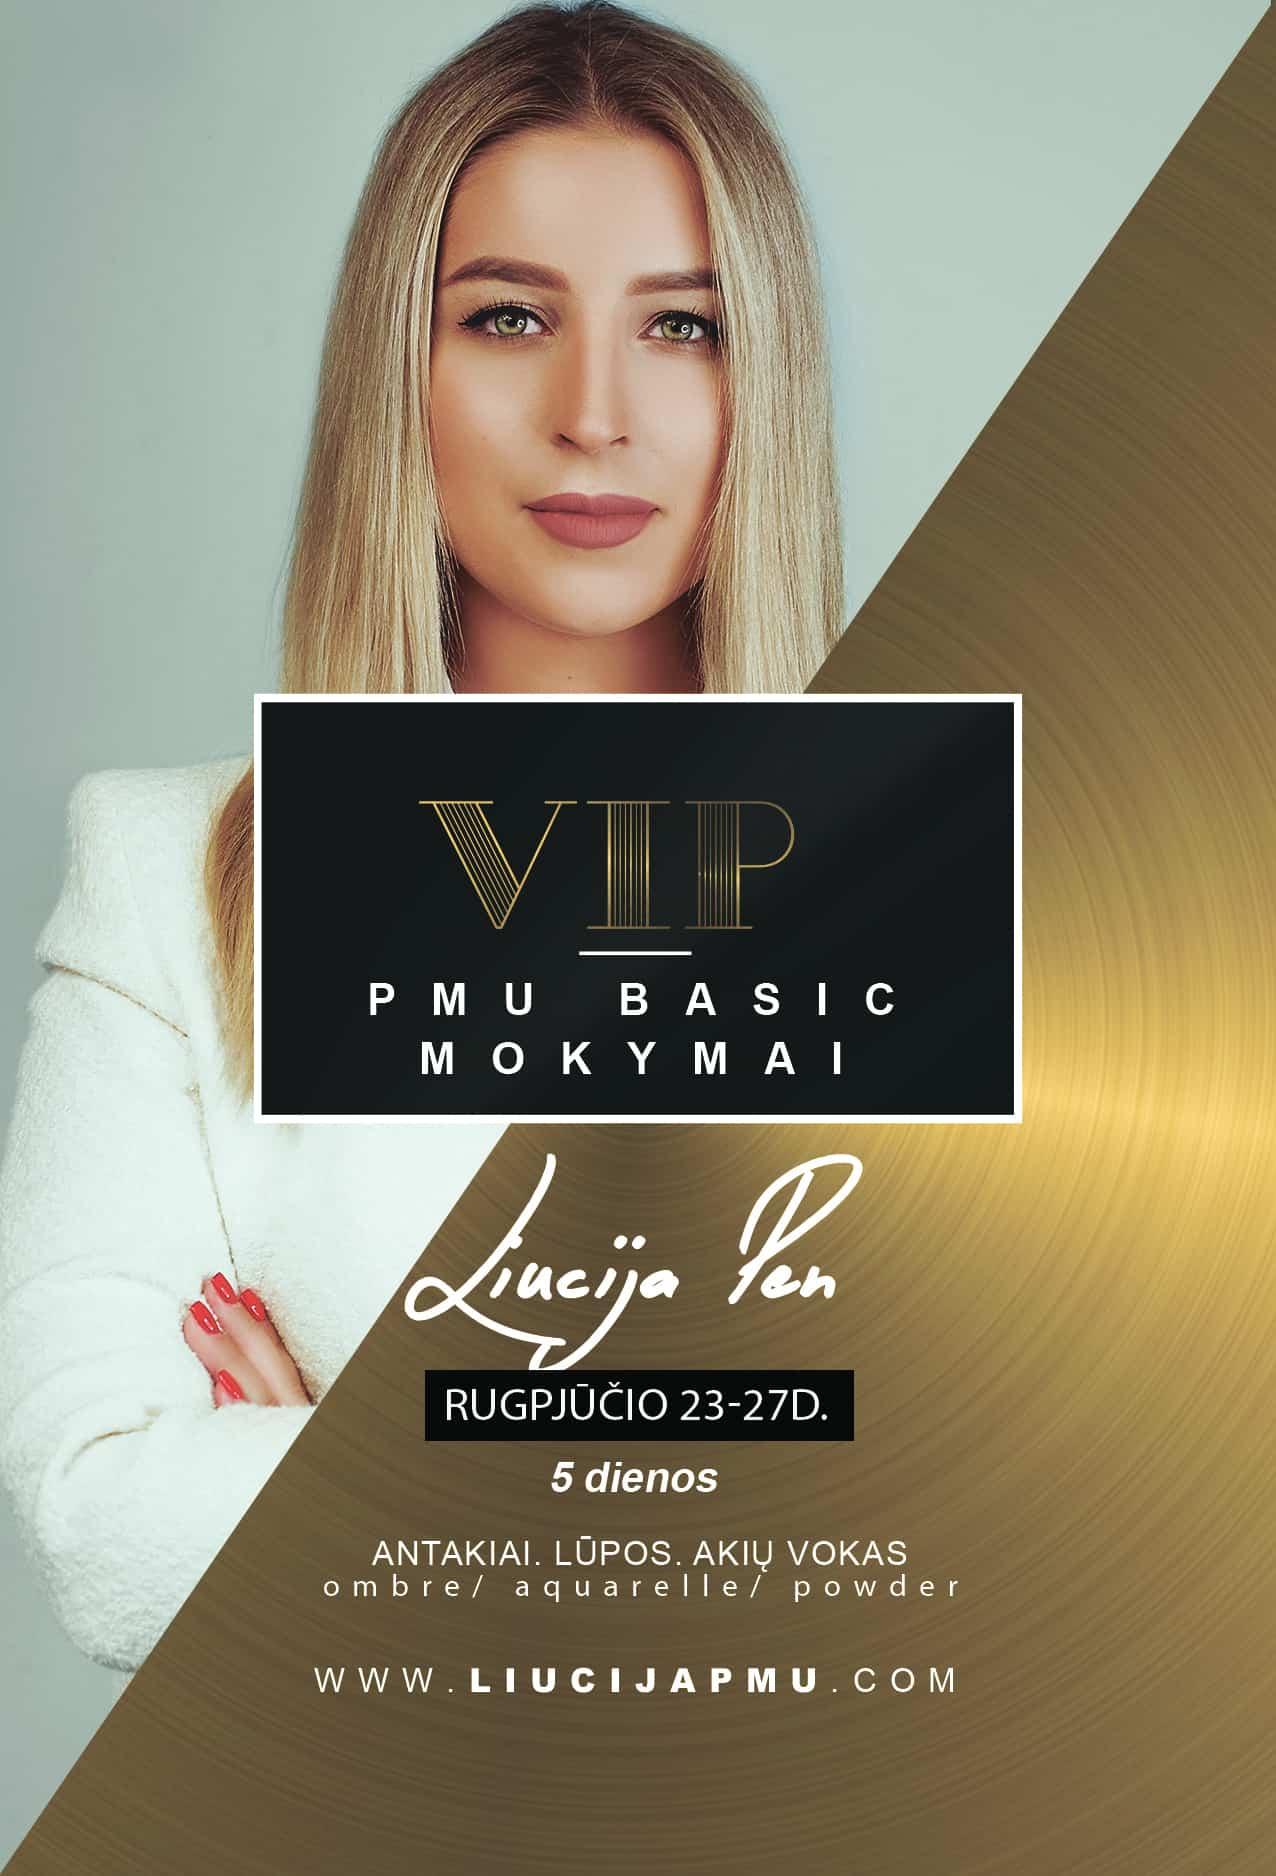 VIP Permanentinio makiažo mokymai